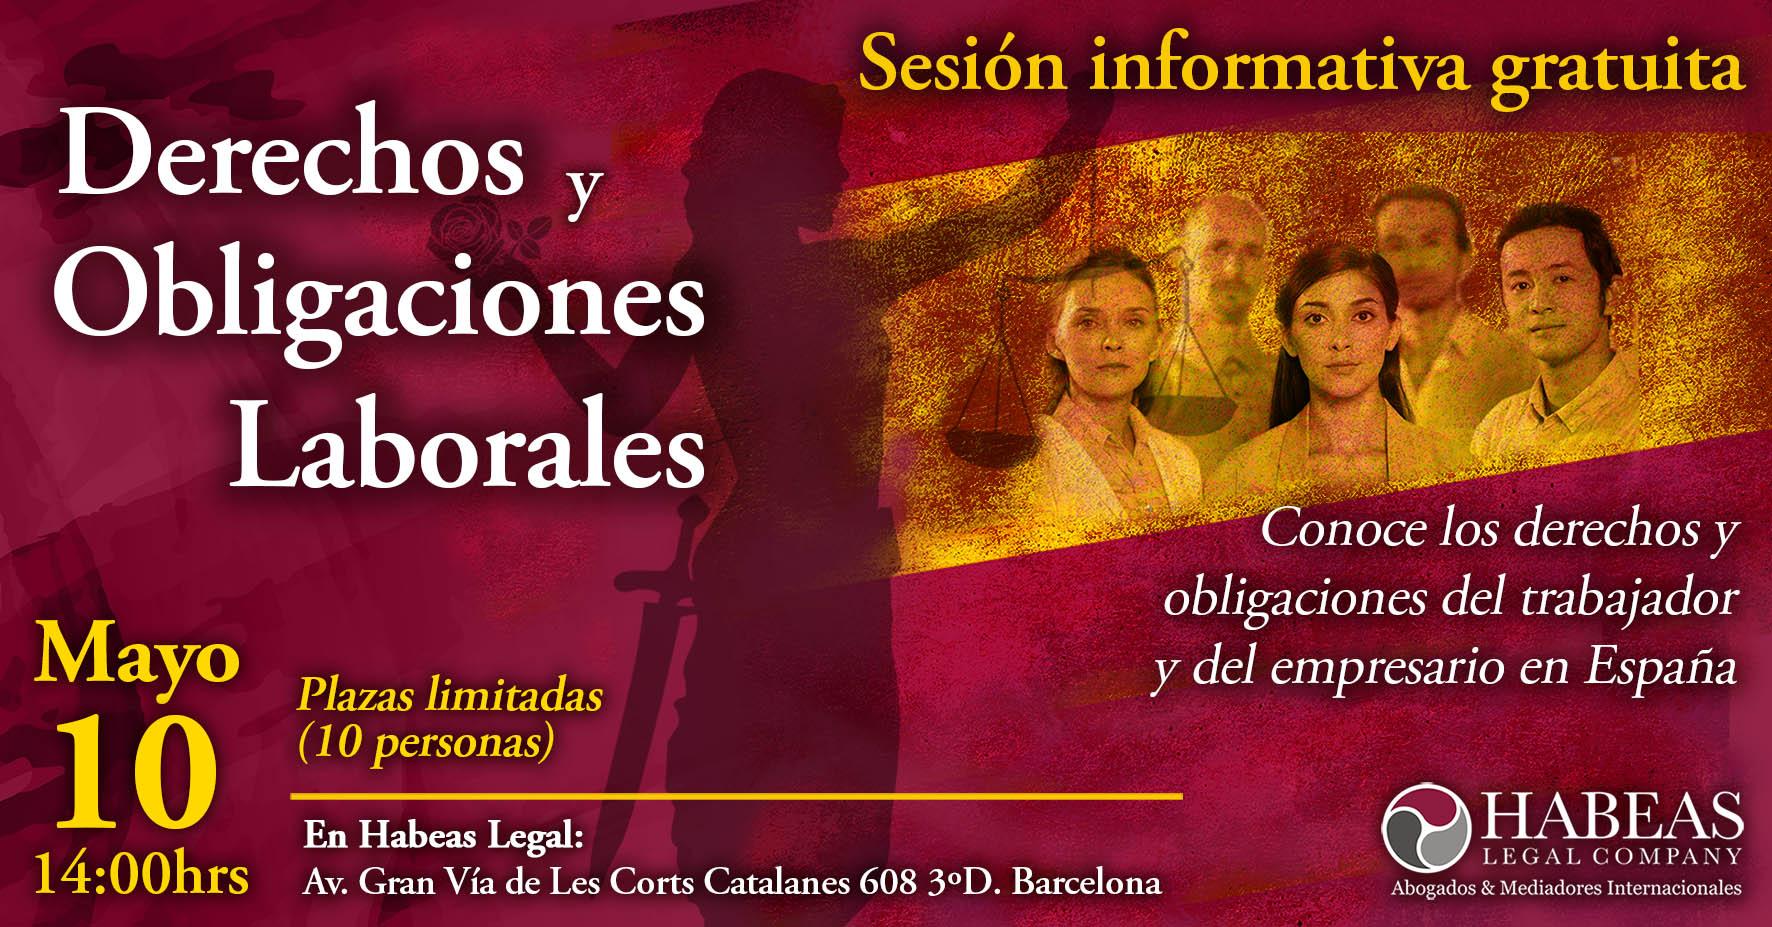 """Derechos y Obligaciones evento Fb May - """"Derechos y Obligaciones Laborales"""" - sesión informativa grupal gratuita - Mayo"""